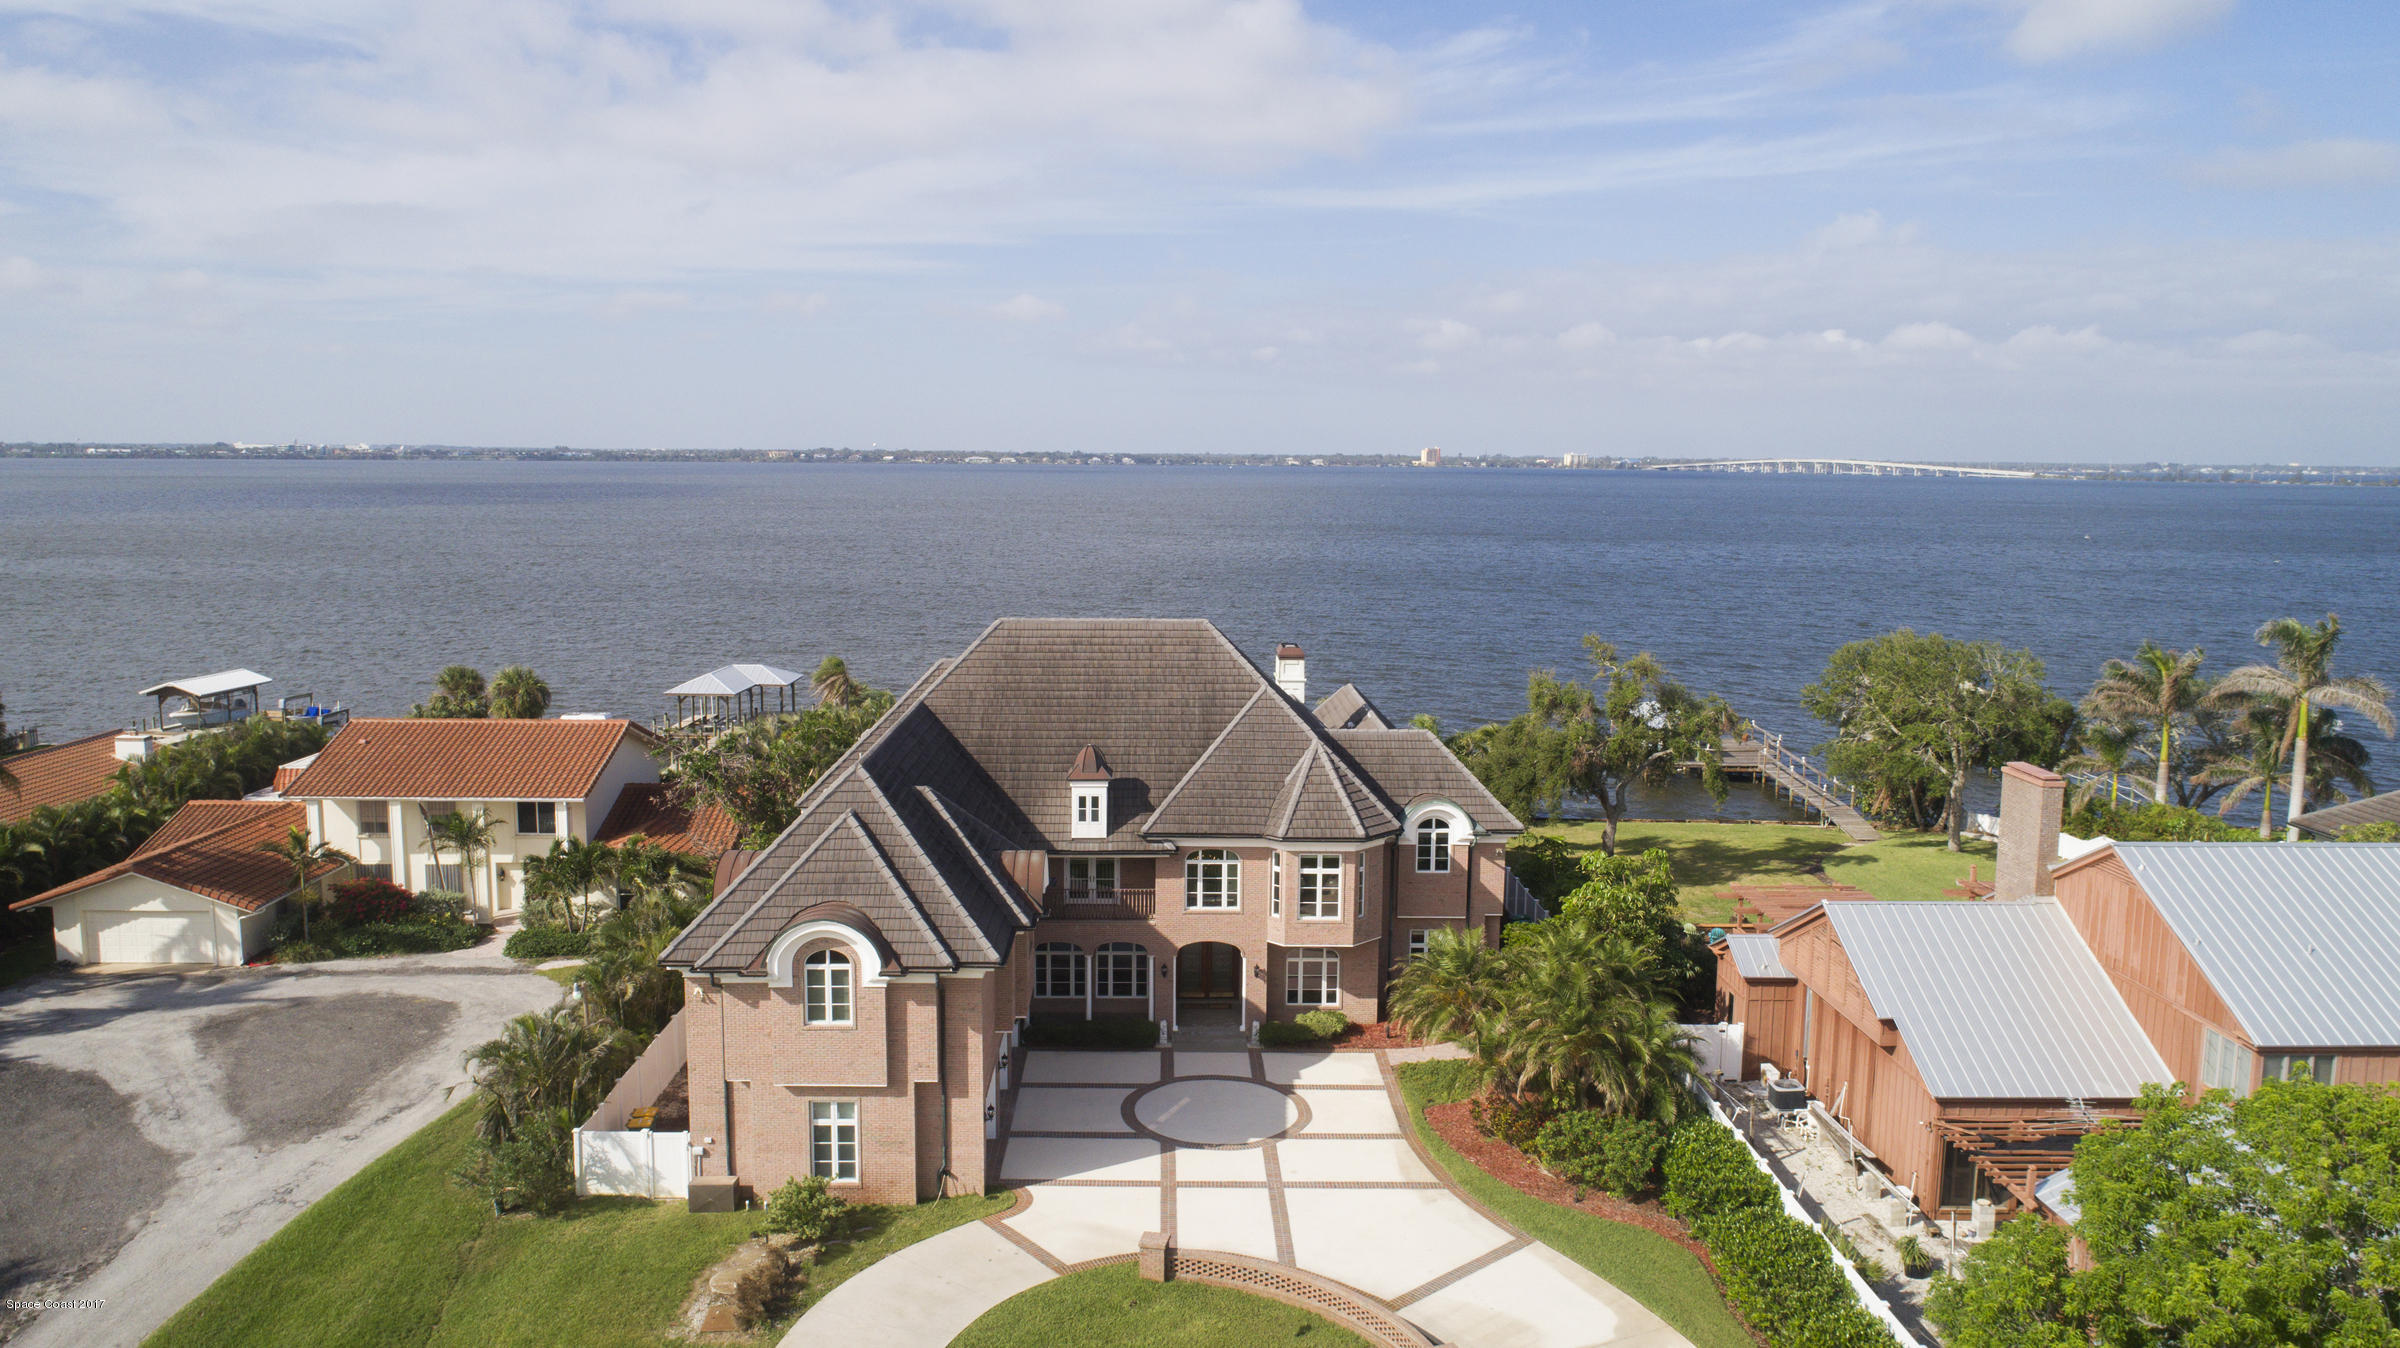 Maison unifamiliale pour l Vente à 2700 N Riverside 2700 N Riverside Indialantic, Florida 32903 États-Unis